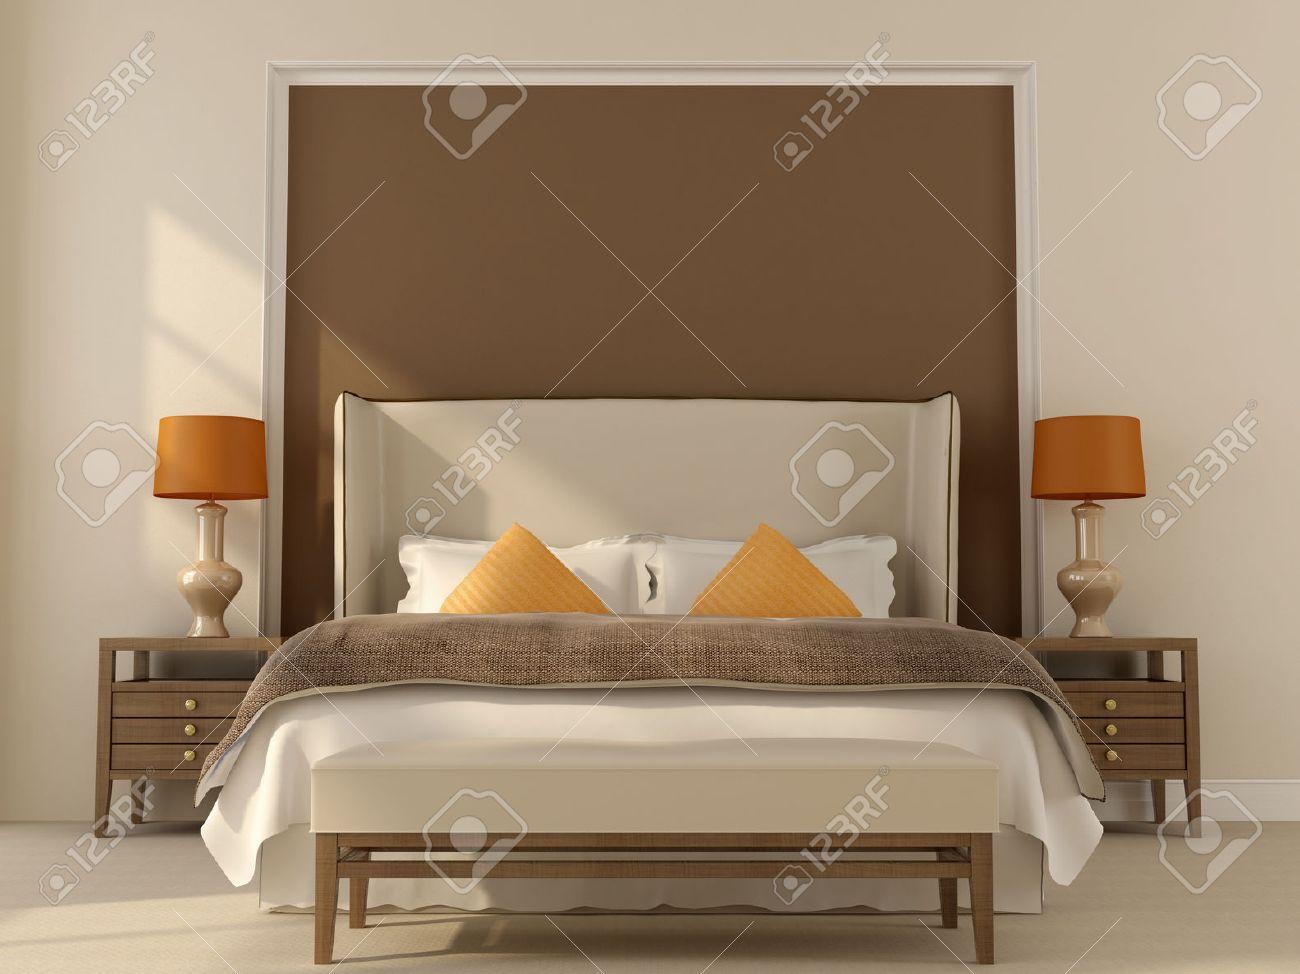 camera da letto in colori beige e marrone con decorazioni arancio ... - Camera Da Letto Arancione